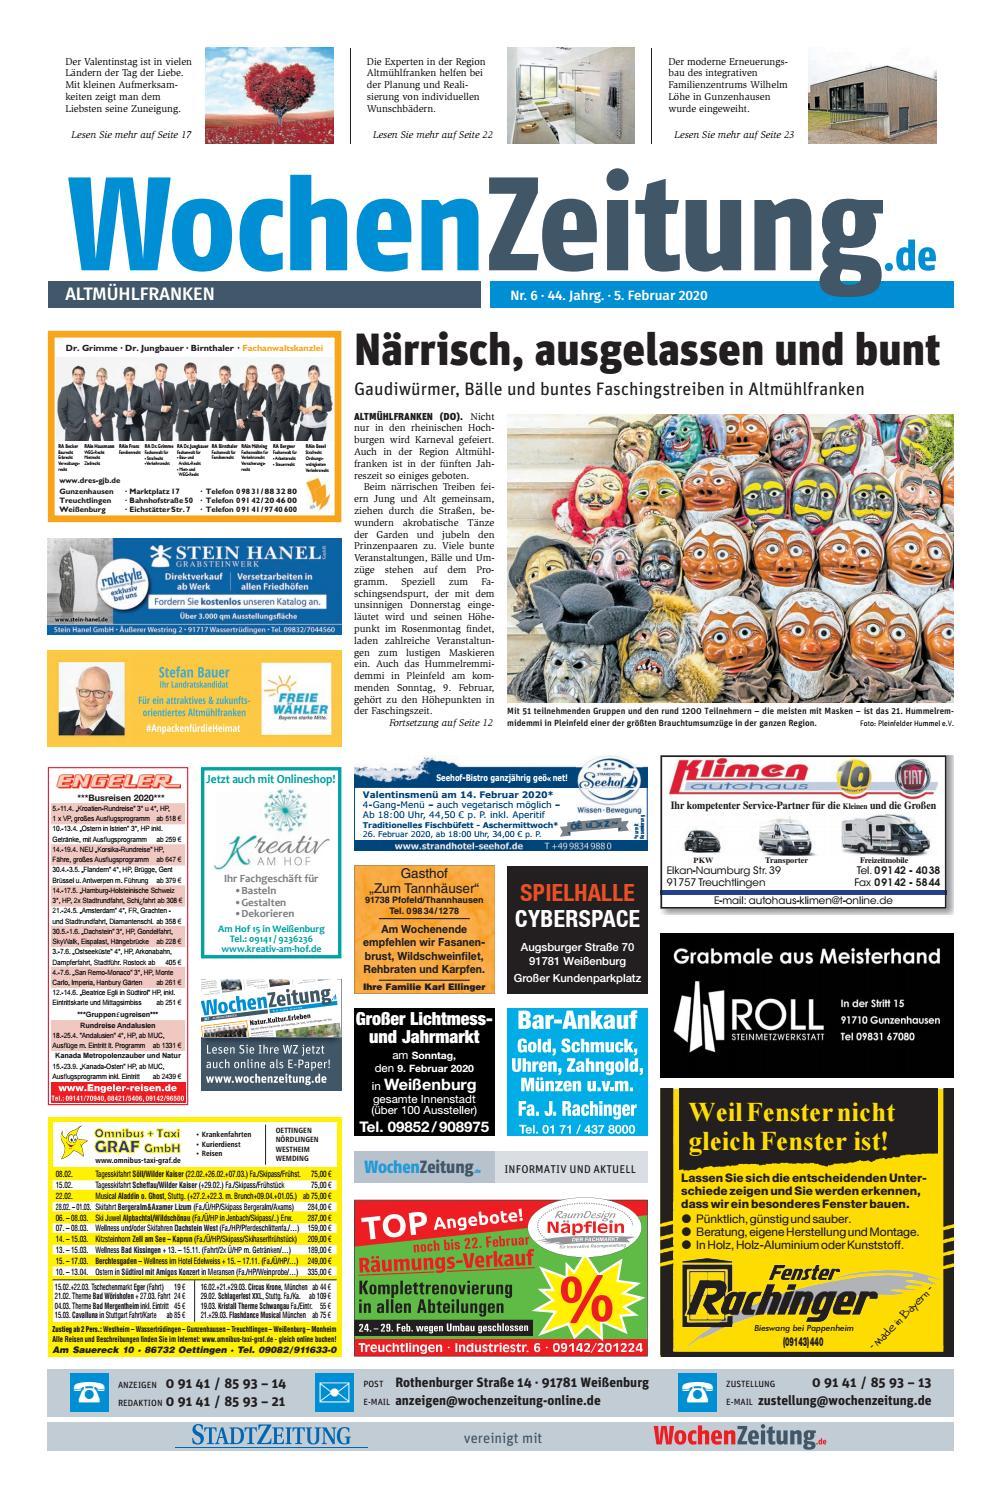 Wochenzeitung Altmuehlfranken Kw 06 20 By Wochenzeitung